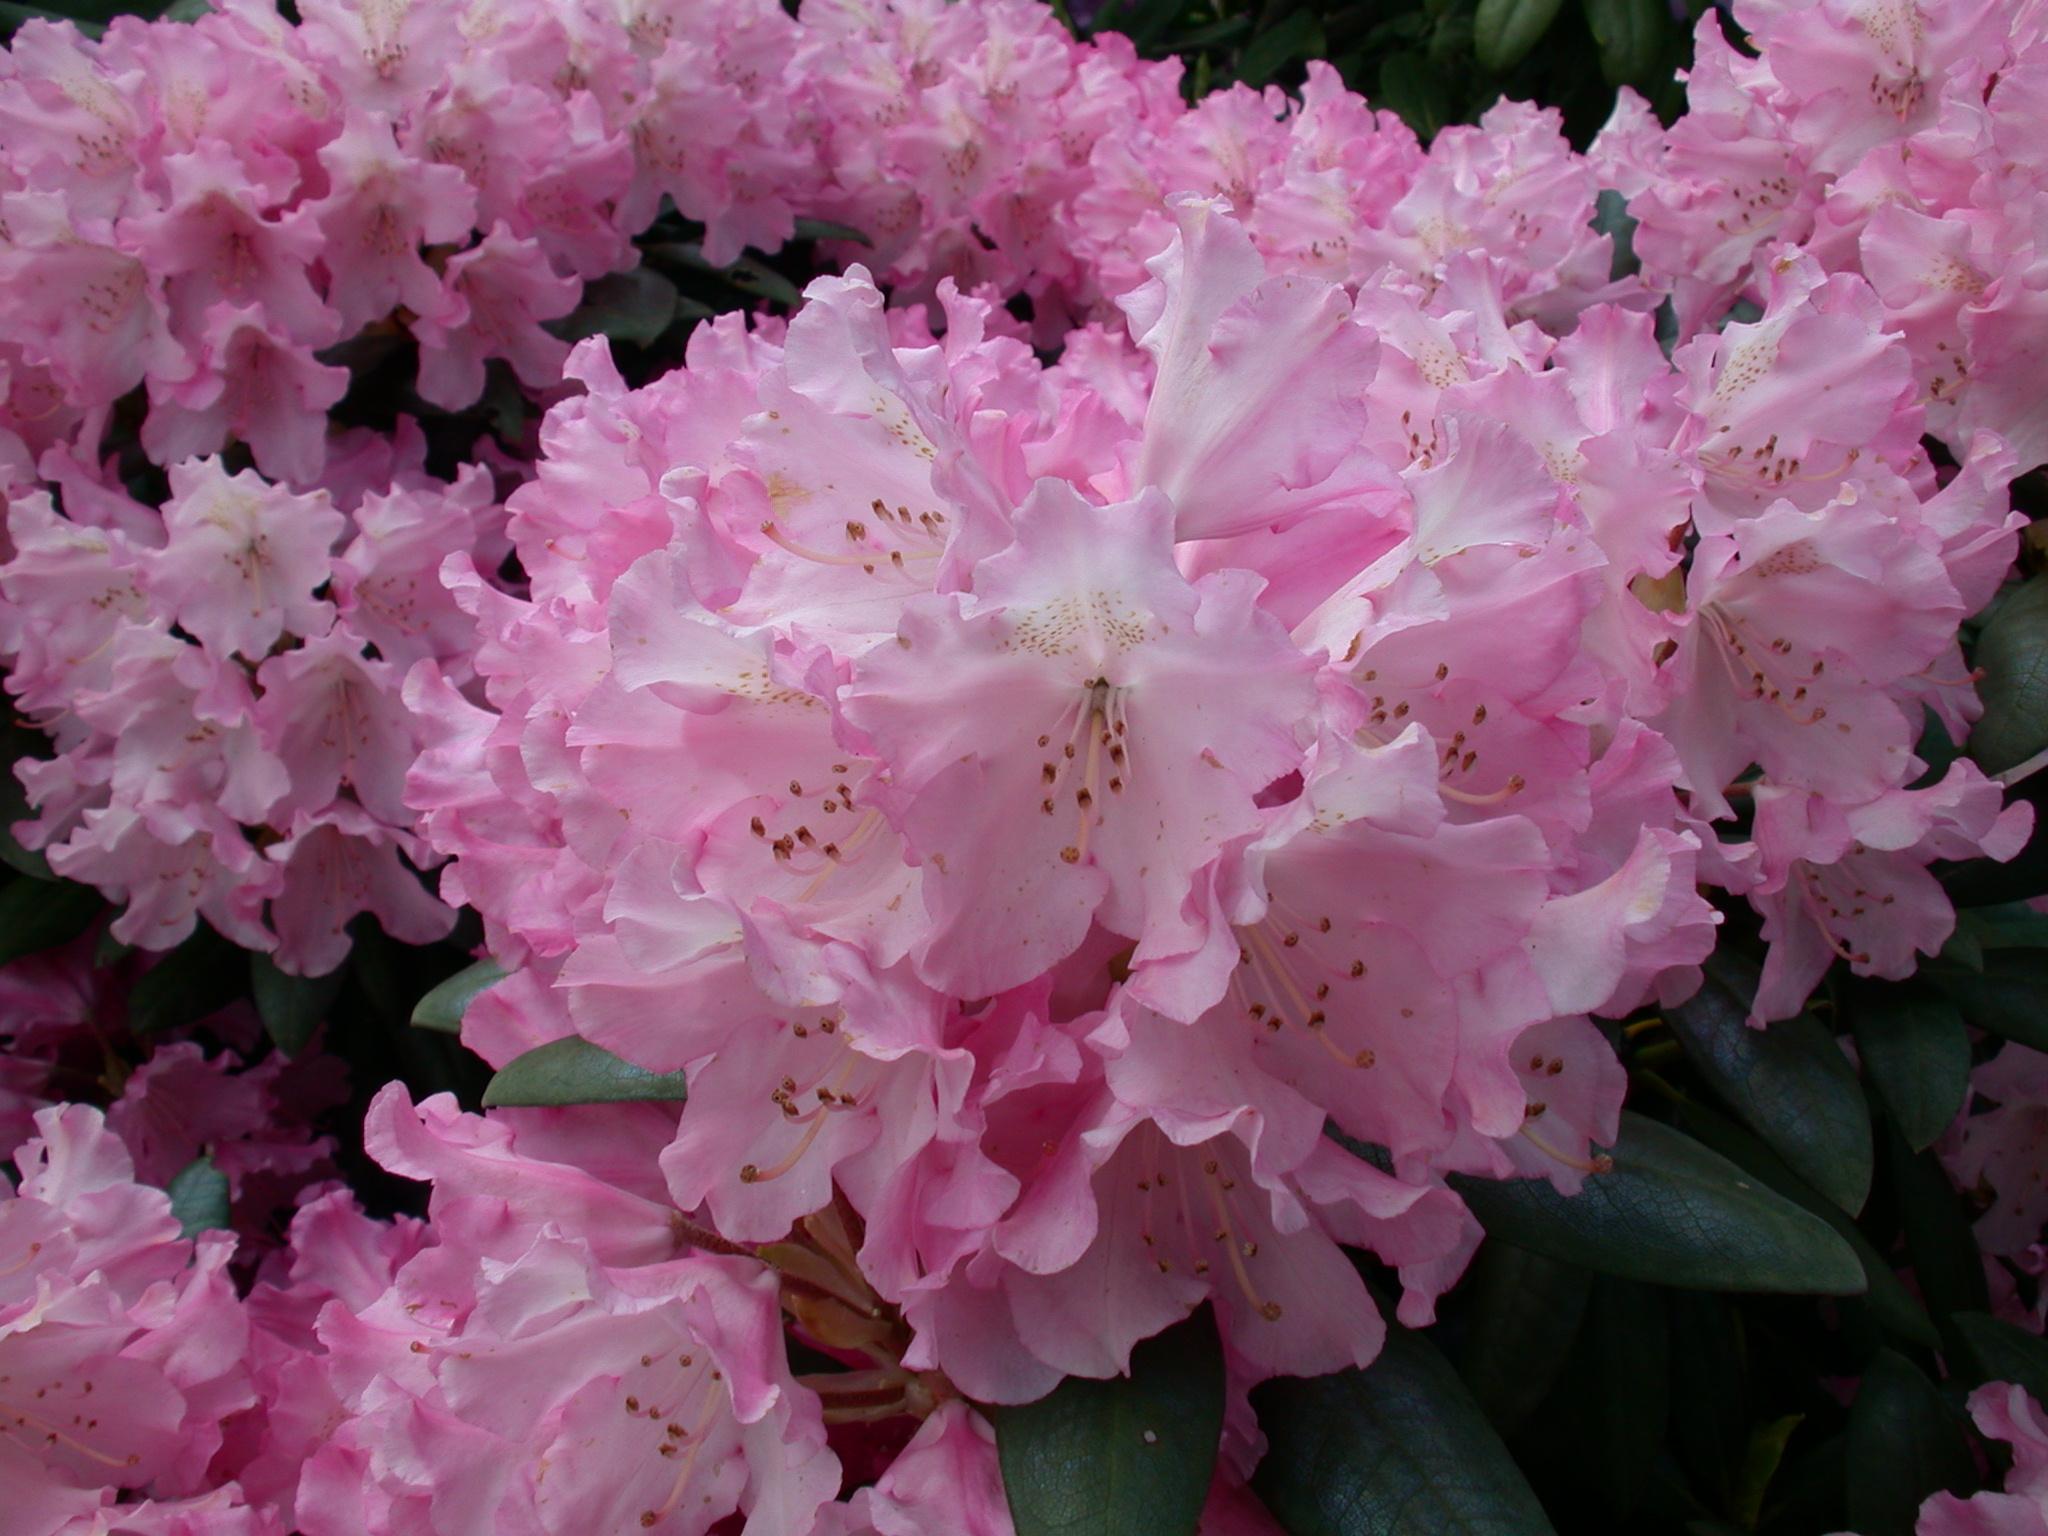 buona notte e buona domenica...vi arriva il profumo dei fiori?...veramente non lo so se profumano...a vederli si direbbe di sì dans fiori e piante b15nature_plants056